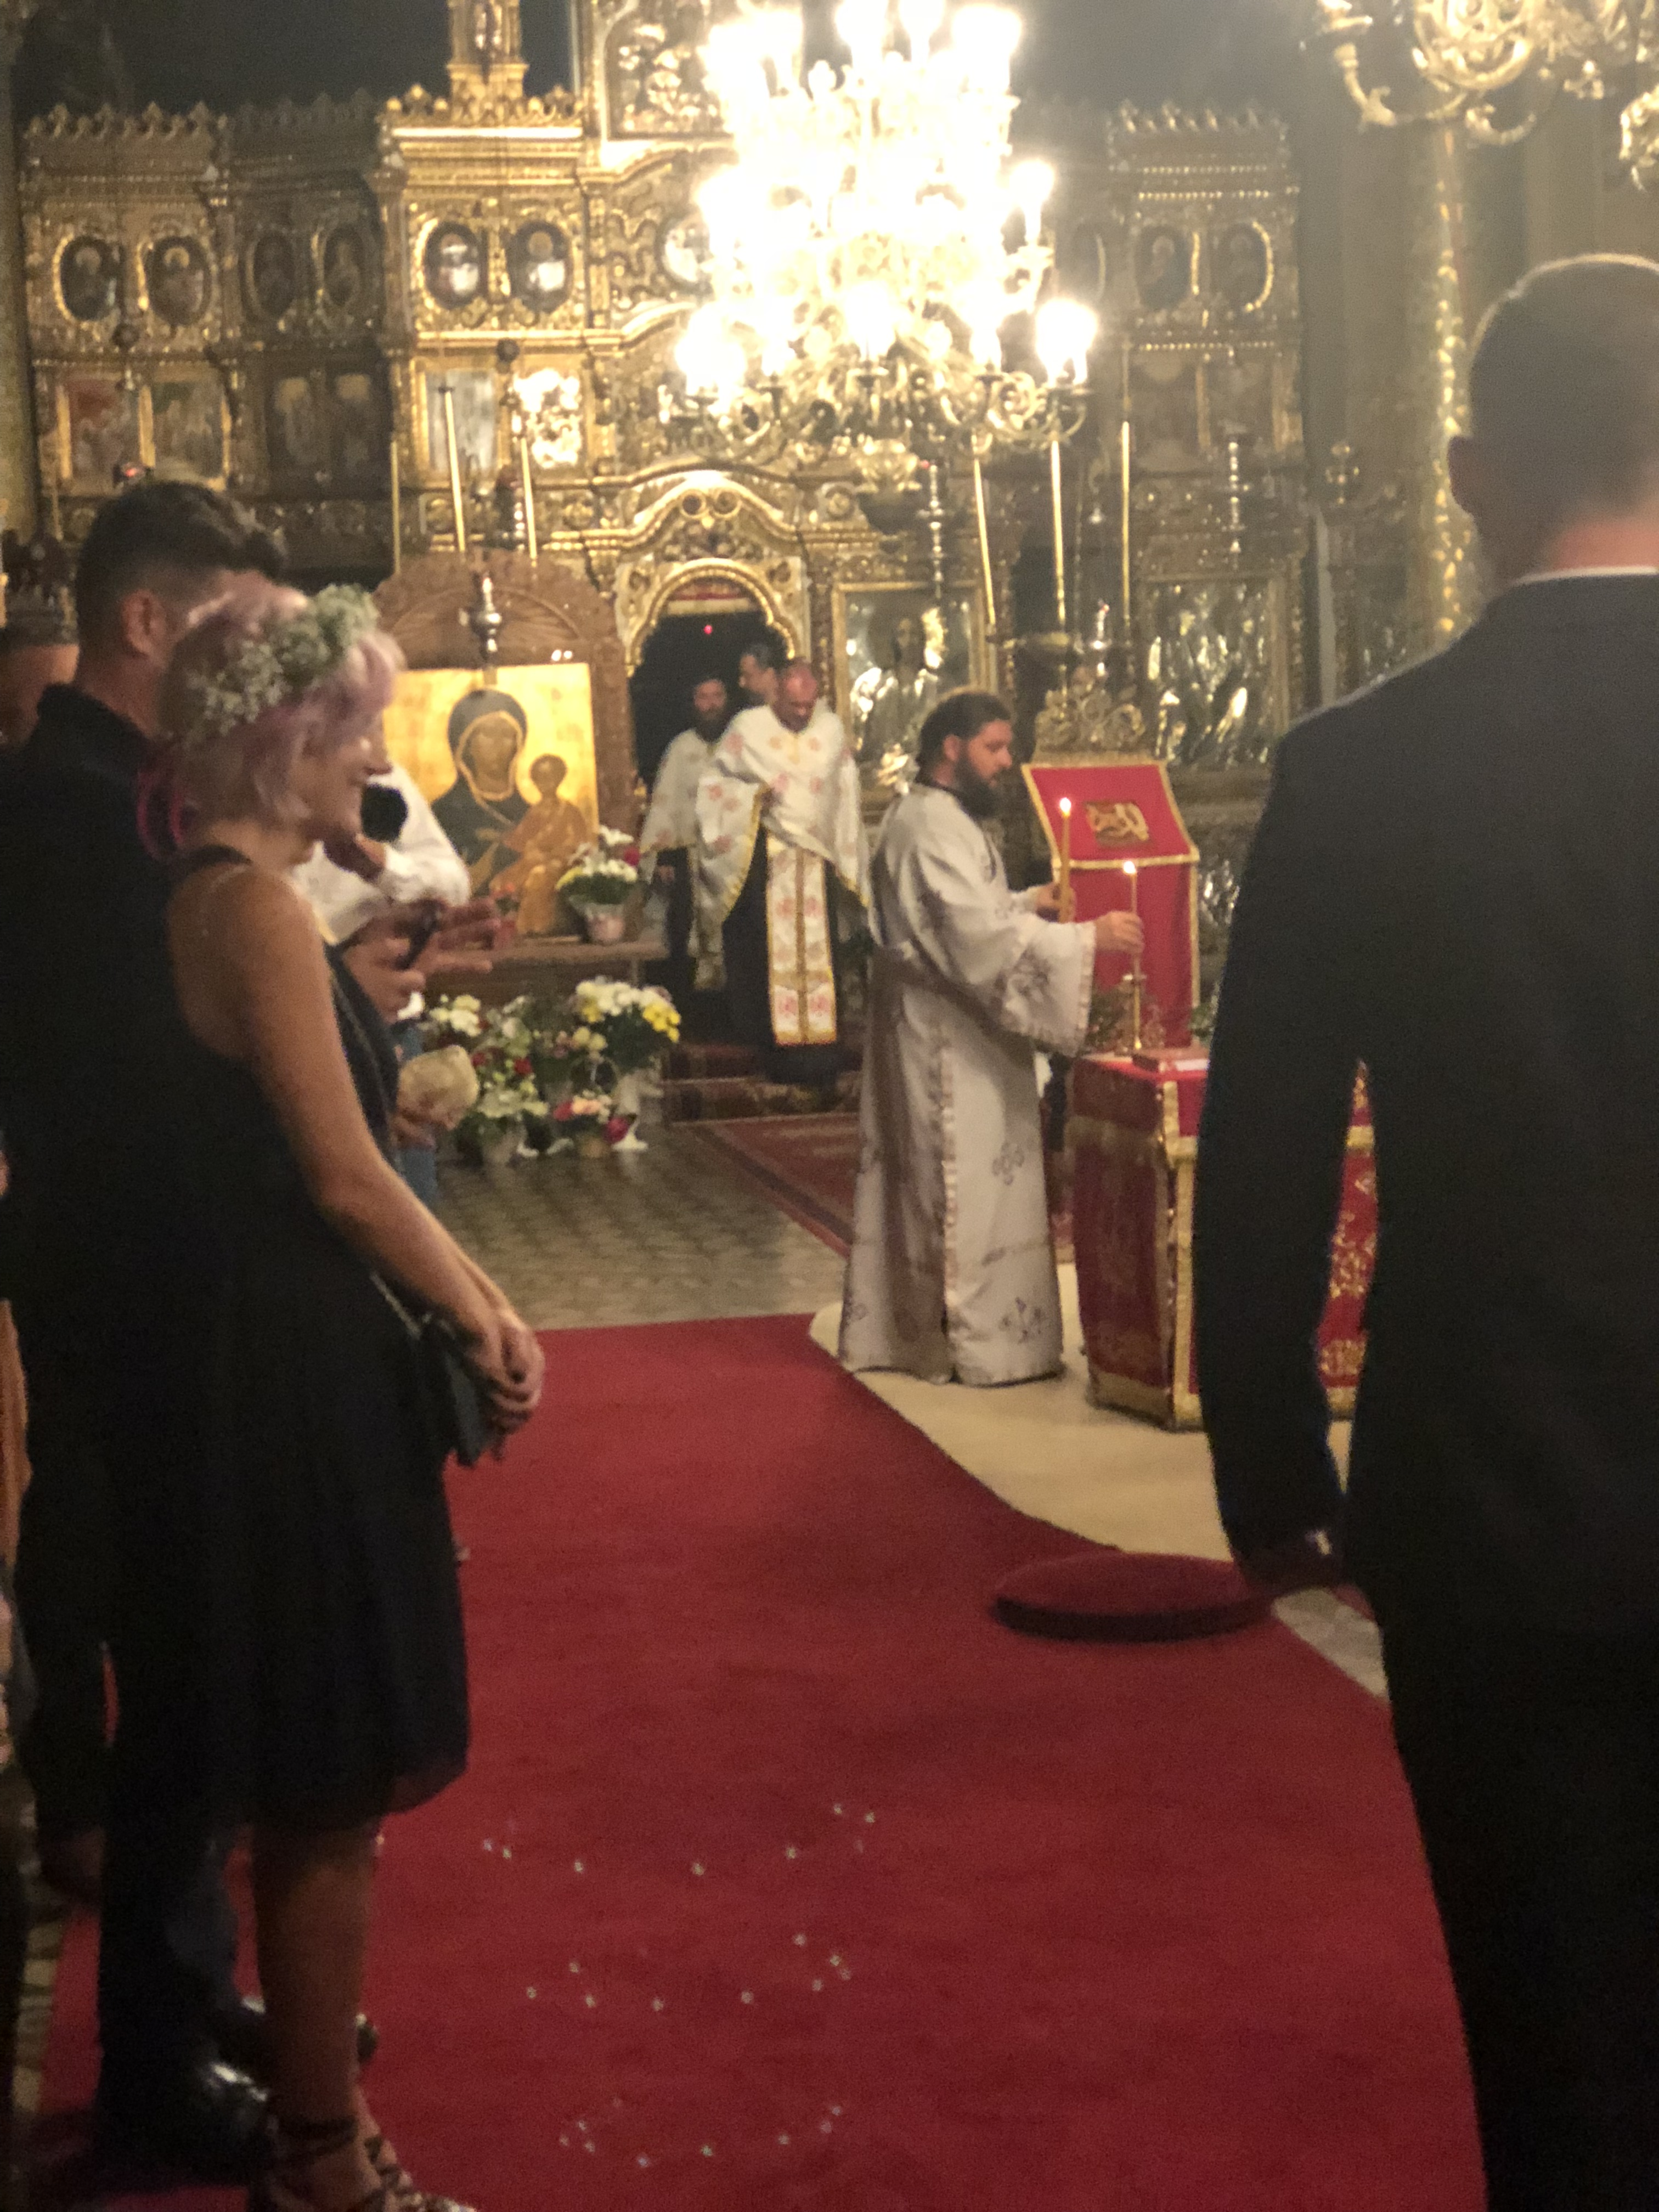 Bucharest churches